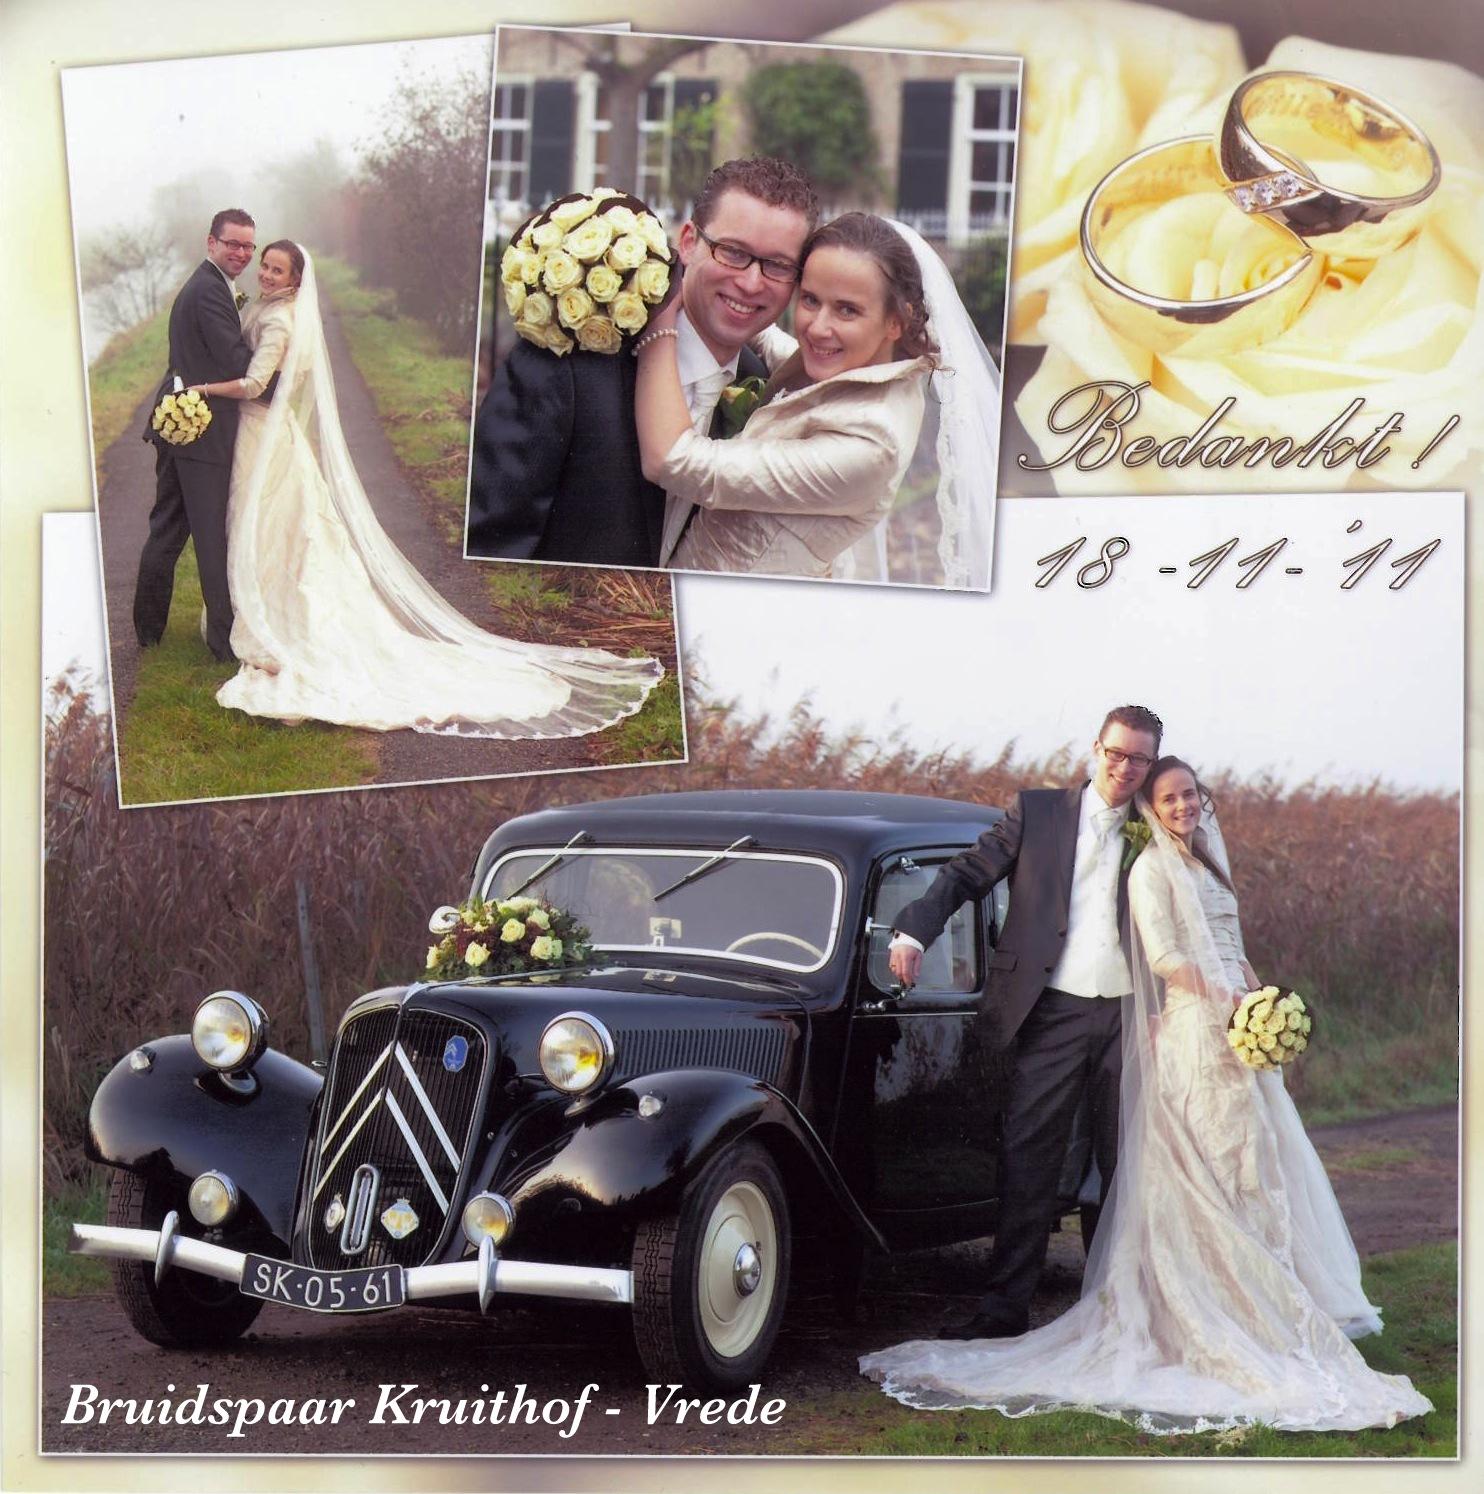 Bruidspaar Kruithof - Vreede